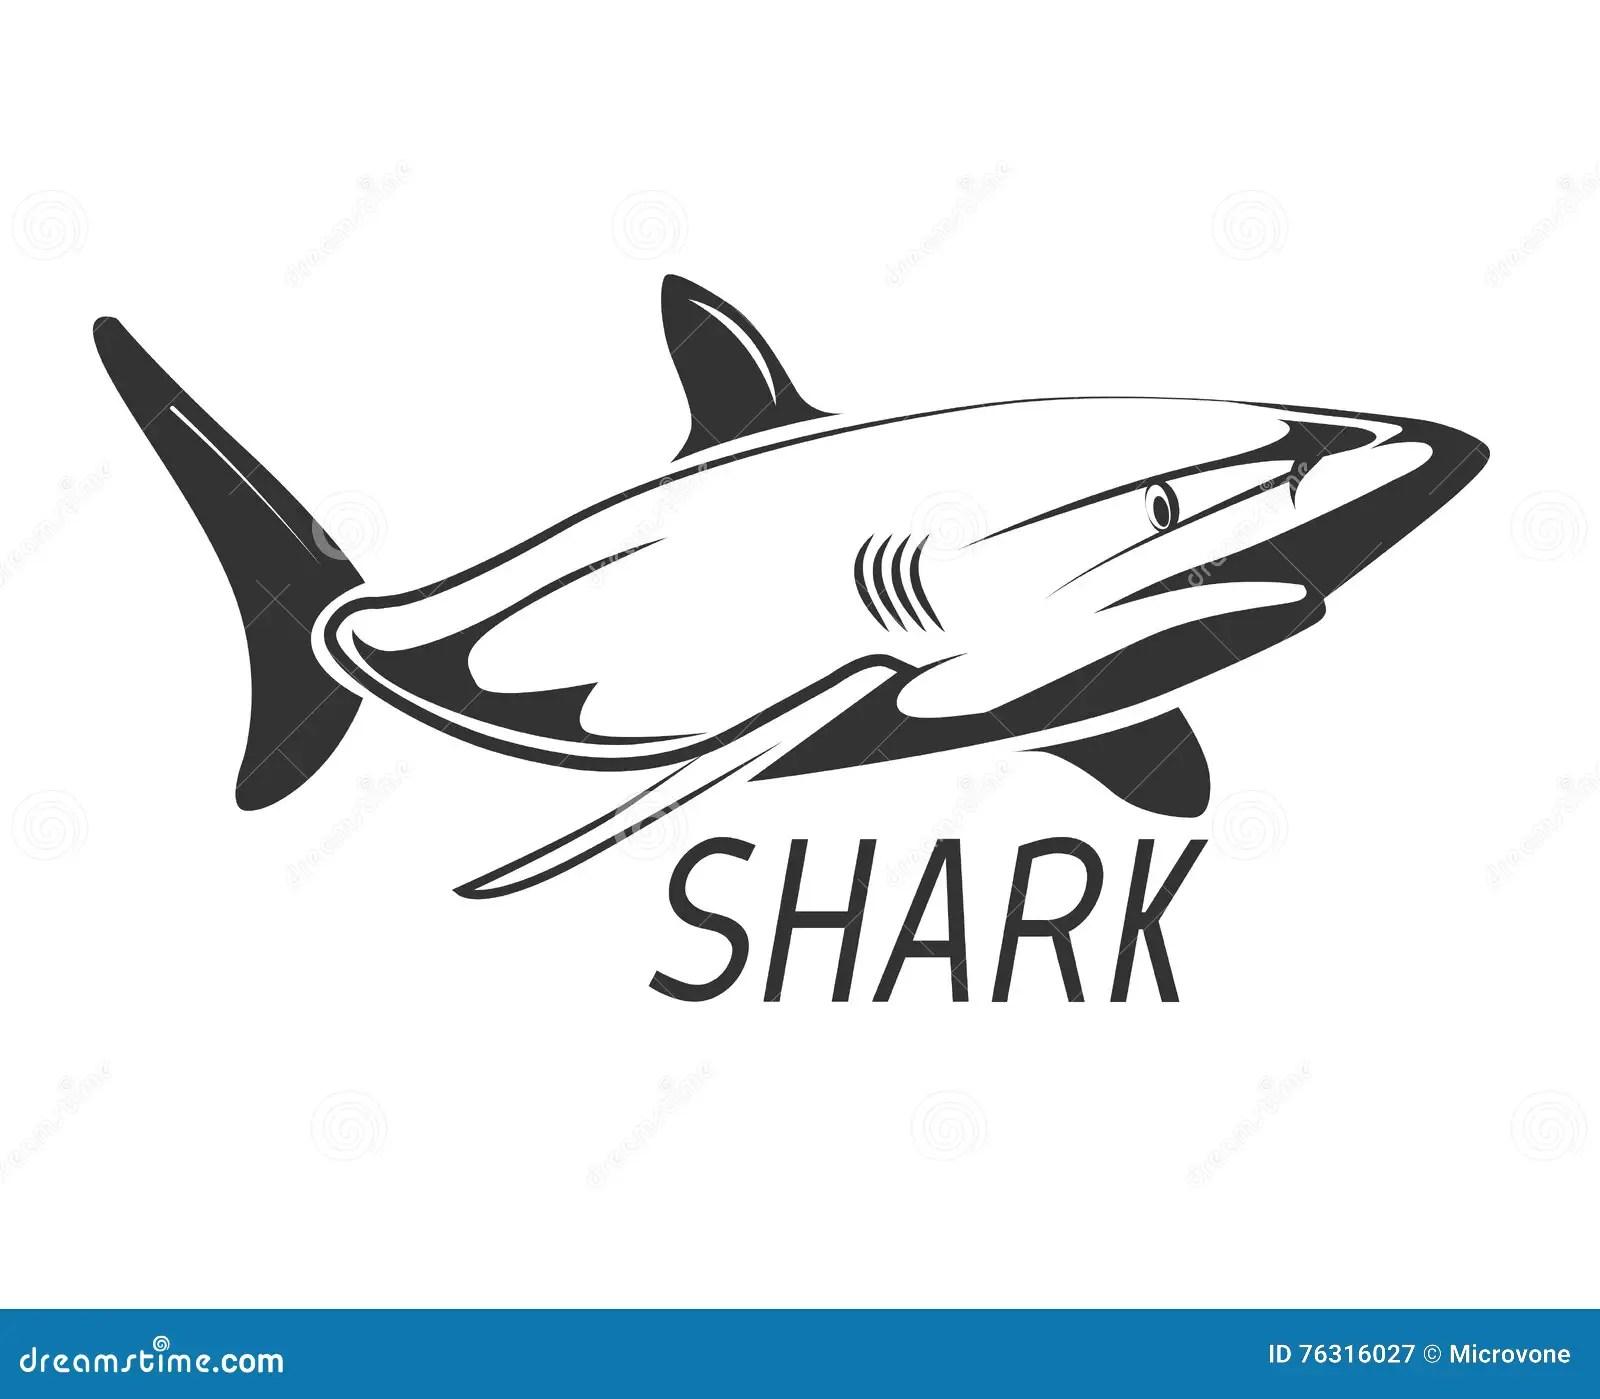 Shark Logo In Black Isolated On White Stock Vector